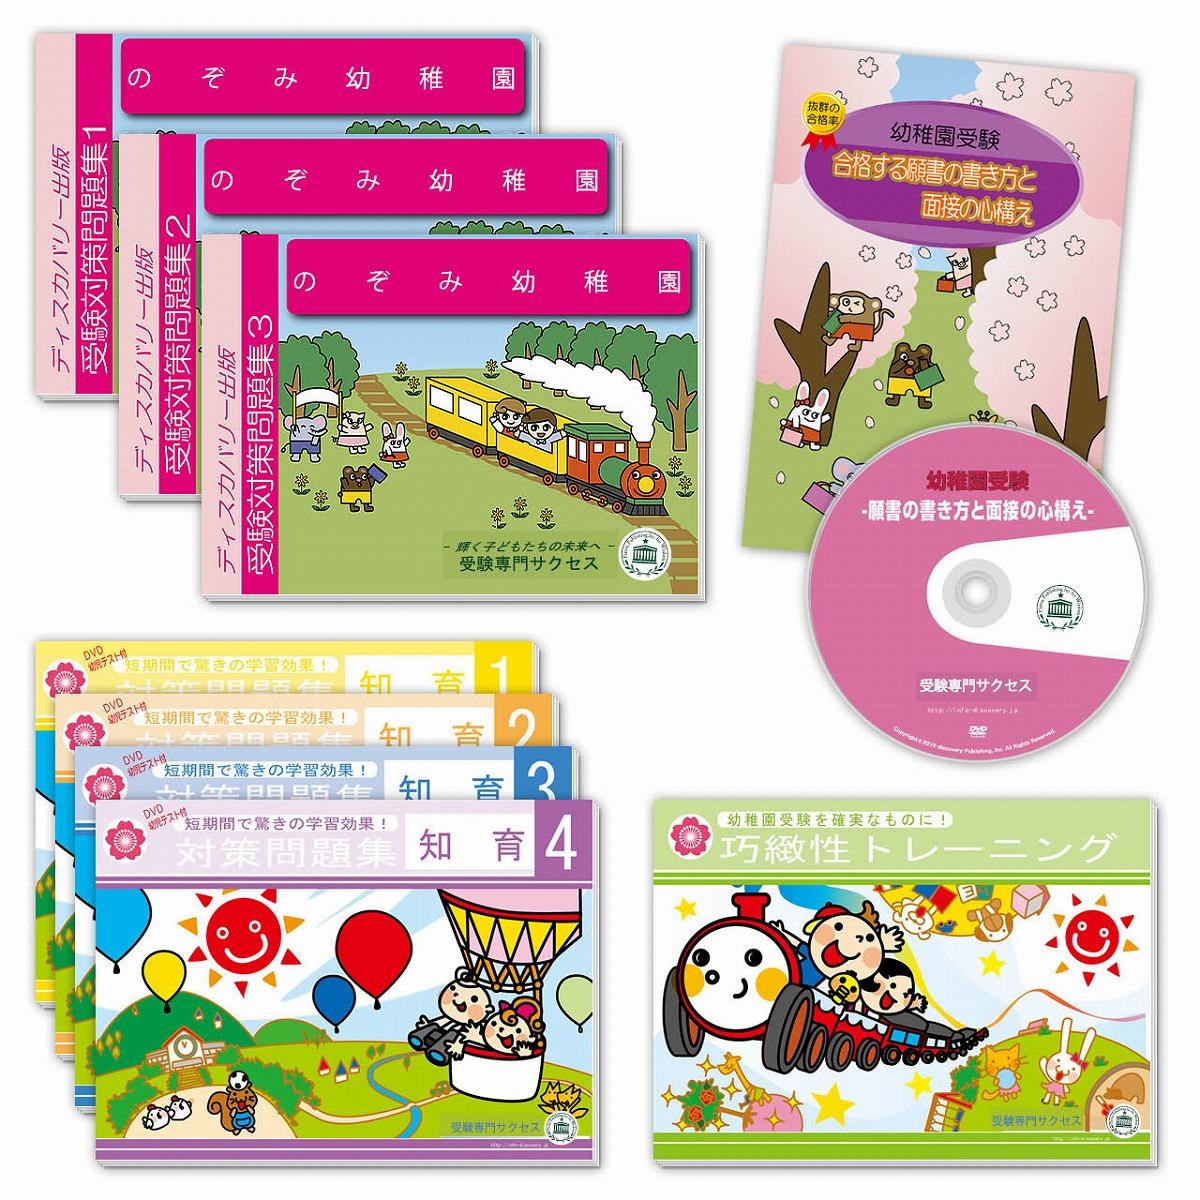 ストア 送料 代引手数料無料 のぞみ幼稚園 公式 補助教材セット 合格セット